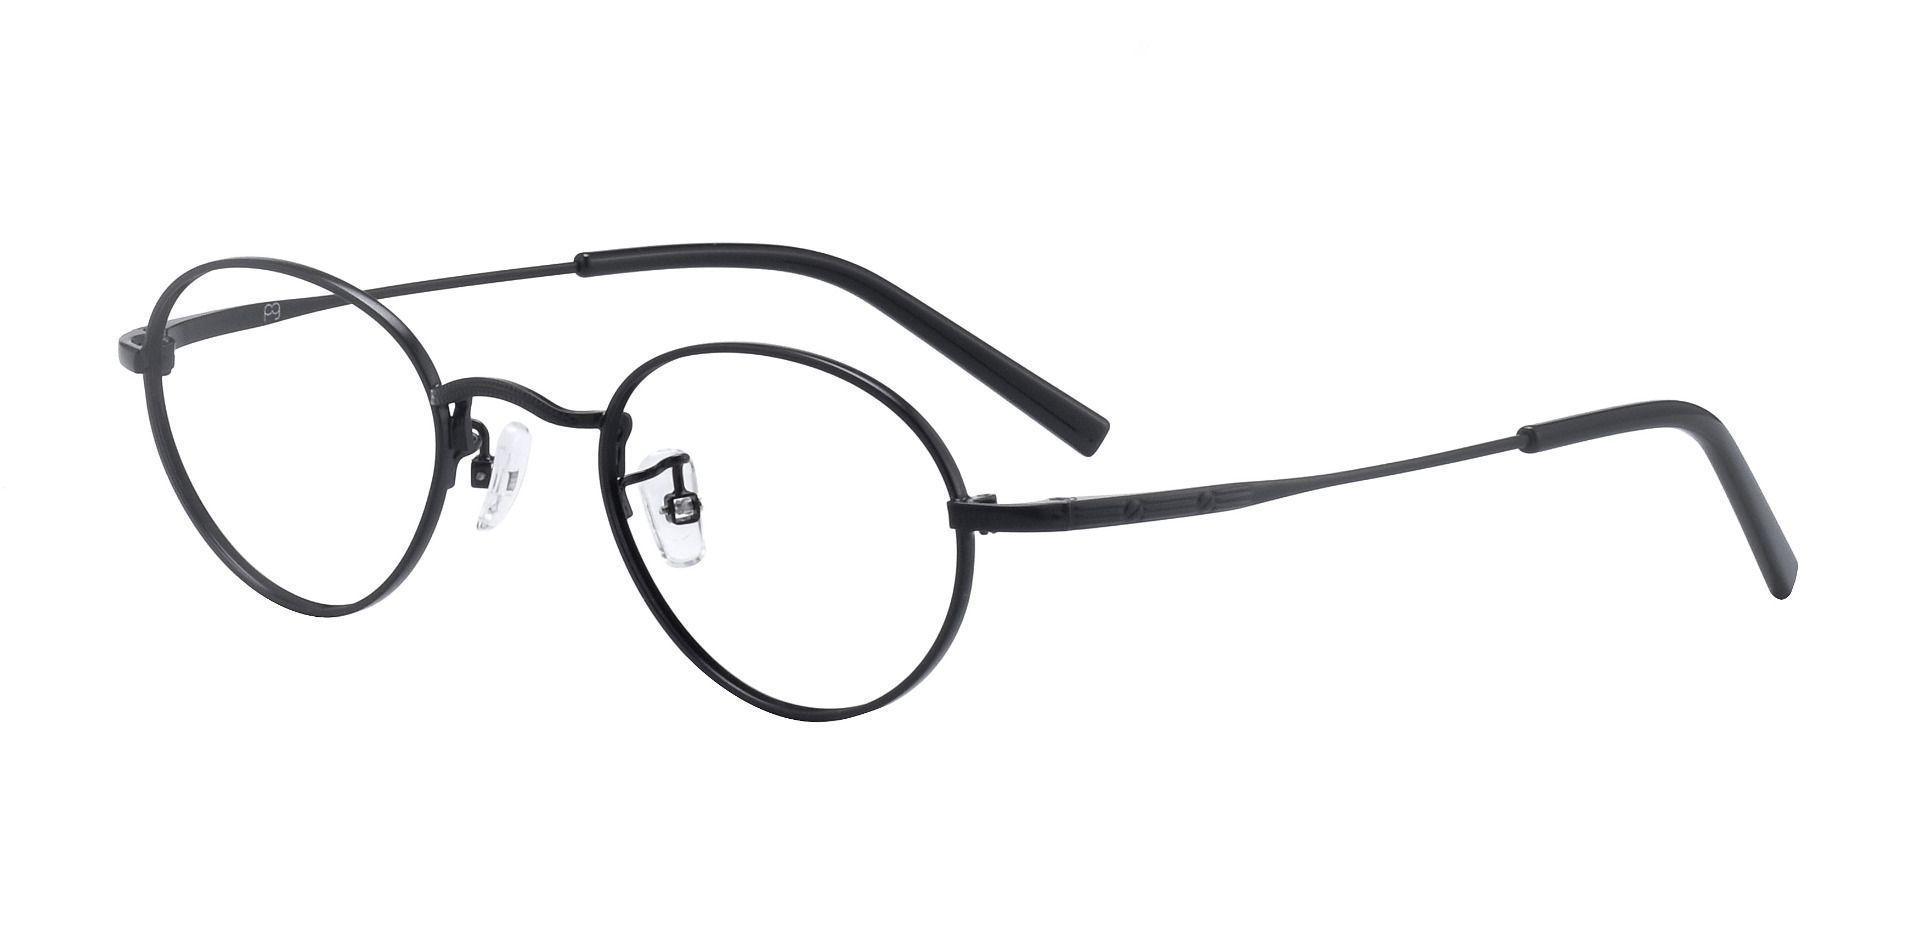 Bishop Oval Prescription Glasses - Black